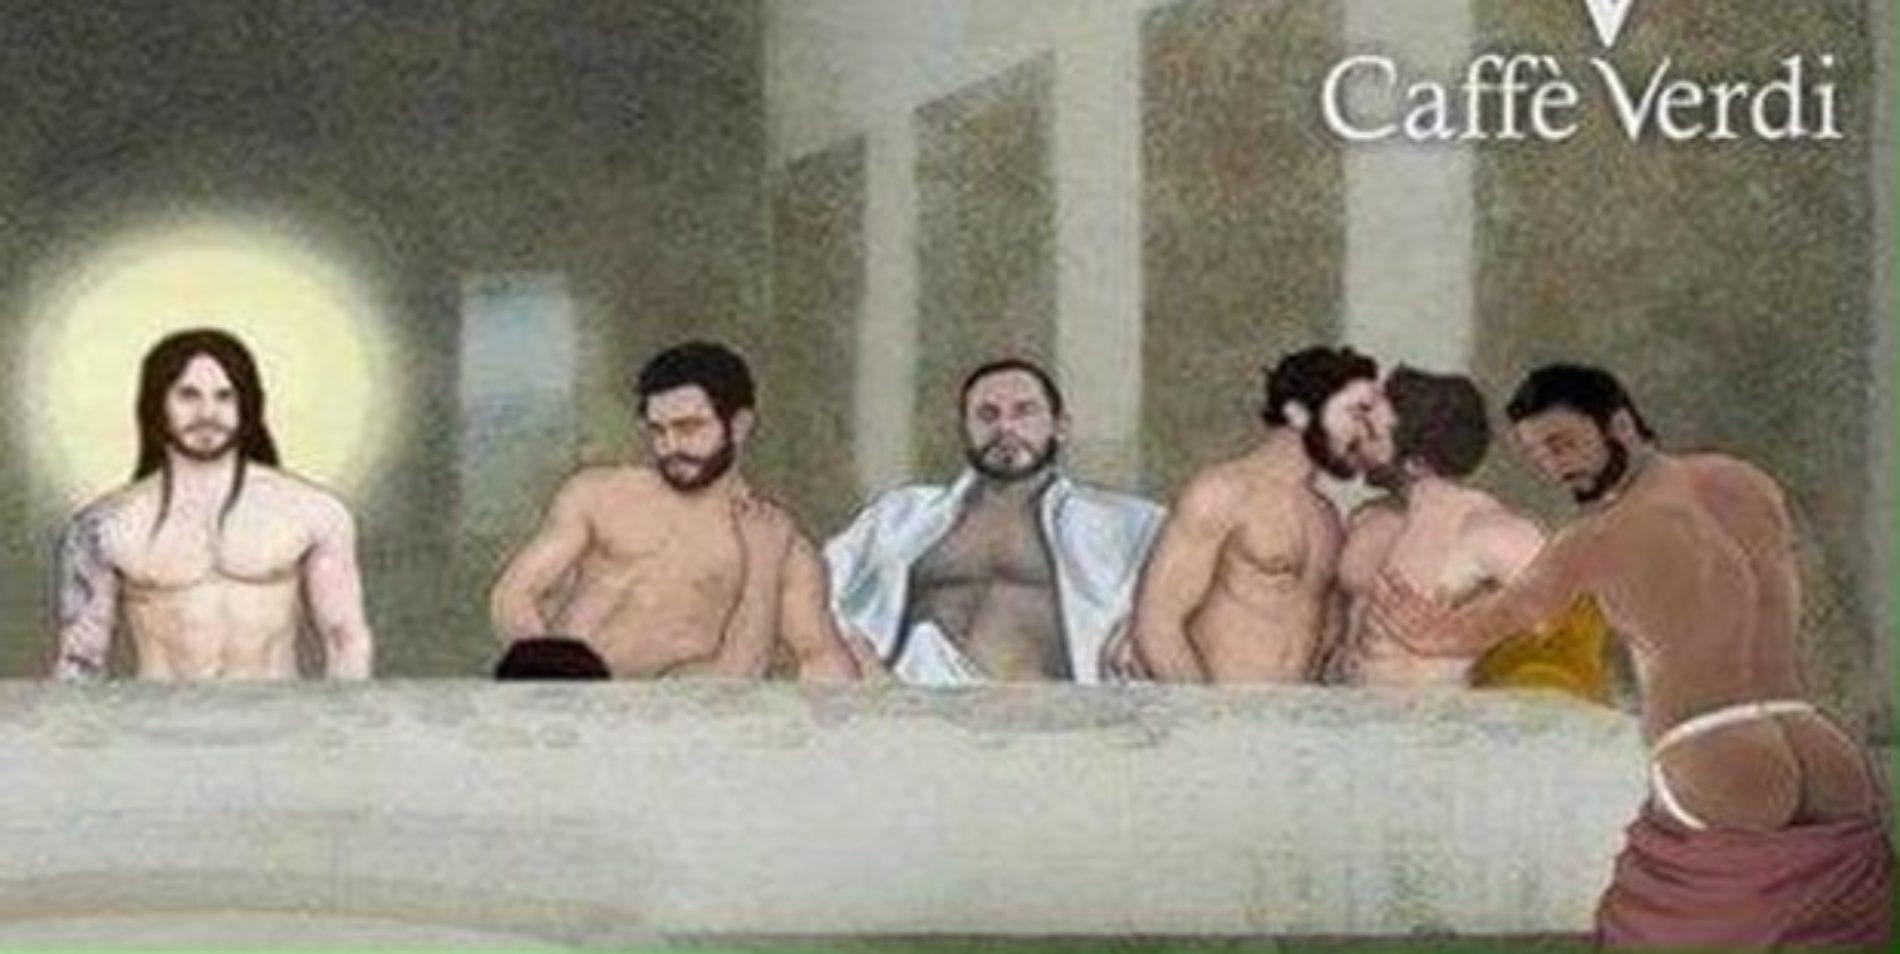 Creators of a sexual version of Da Vinci's The Last Supper come under fire